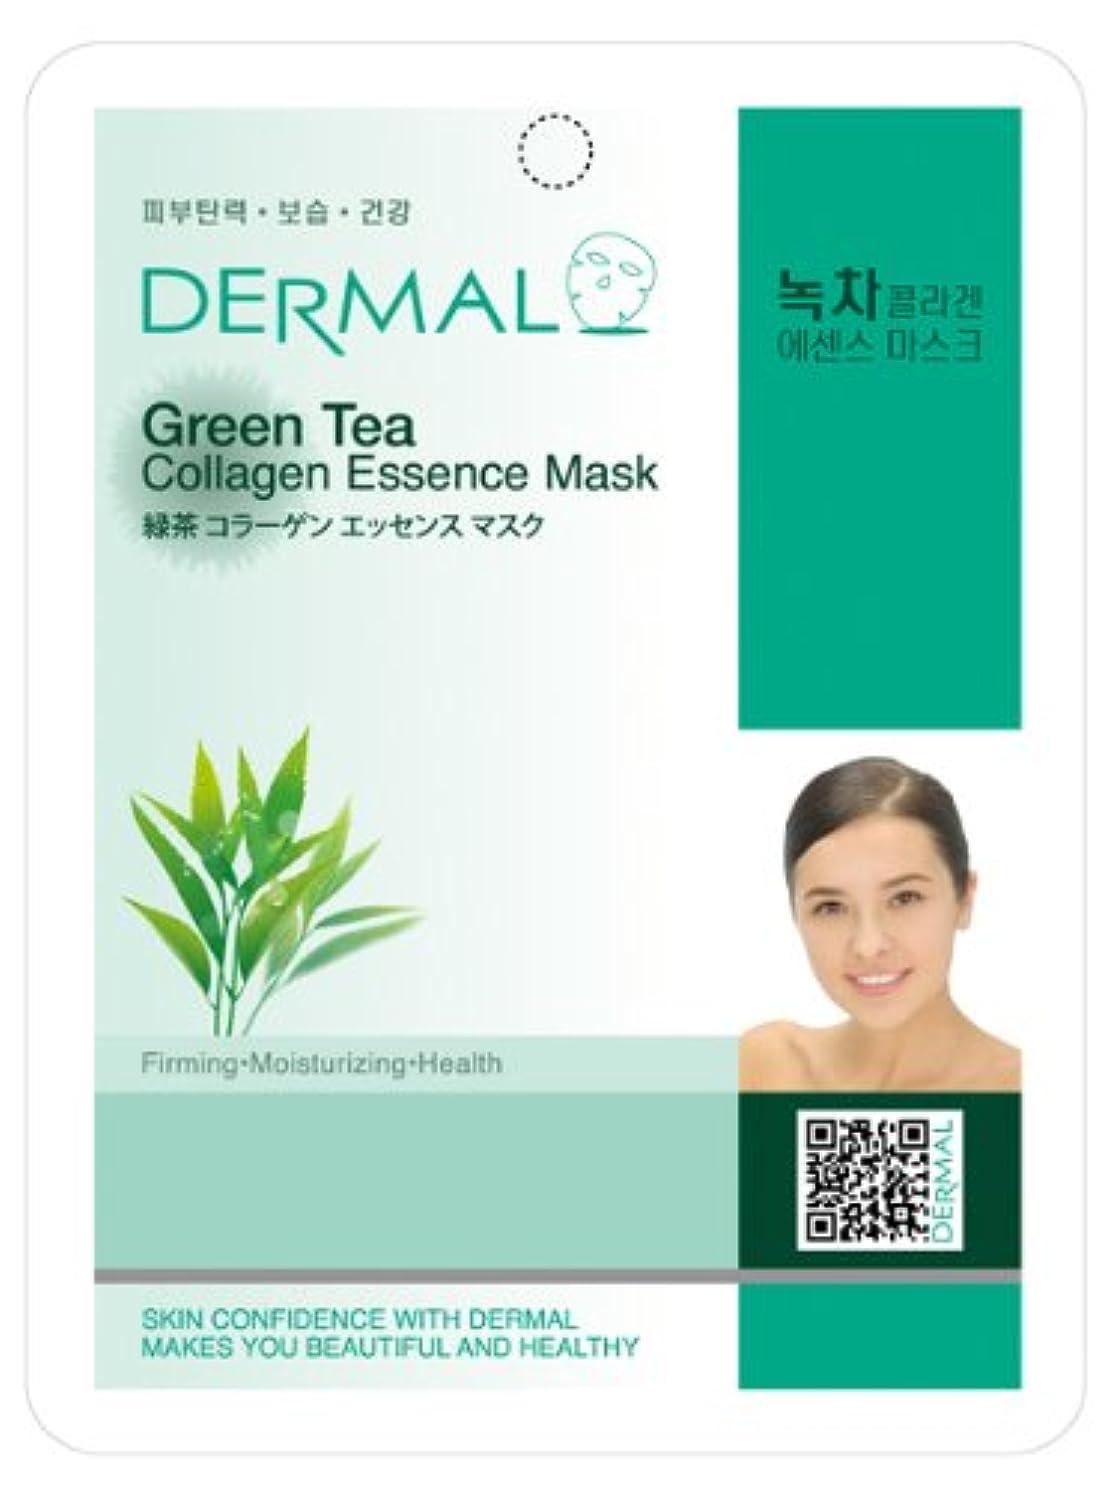 肌寒い消毒剤高価なシートマスク 緑茶 100枚セット ダーマル(Dermal) フェイス パック